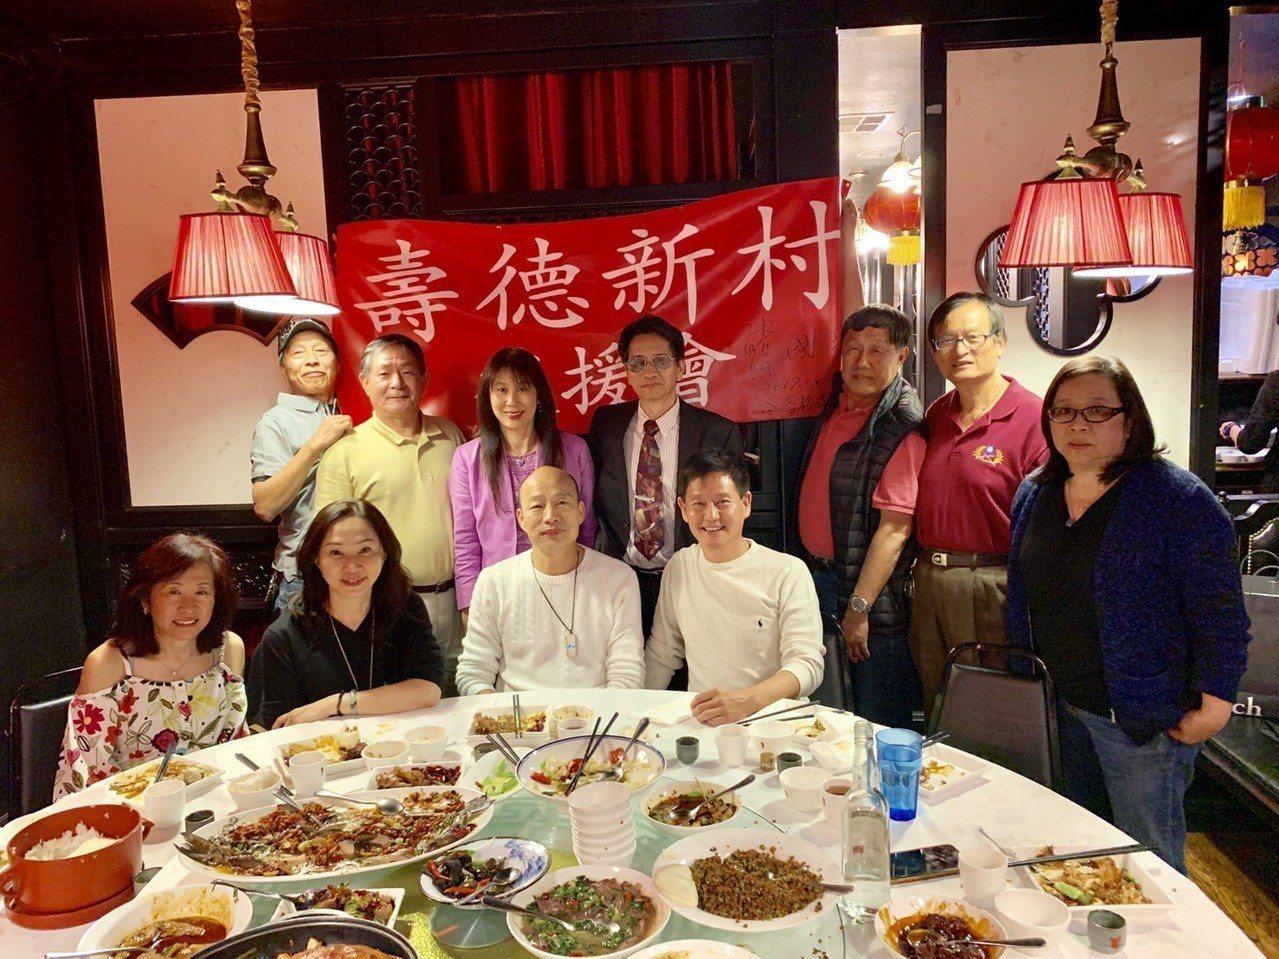 美西時間4月12日晚間,高雄市長韓國瑜與昔日「壽德新村」的老朋友、老鄰居在洛杉磯...